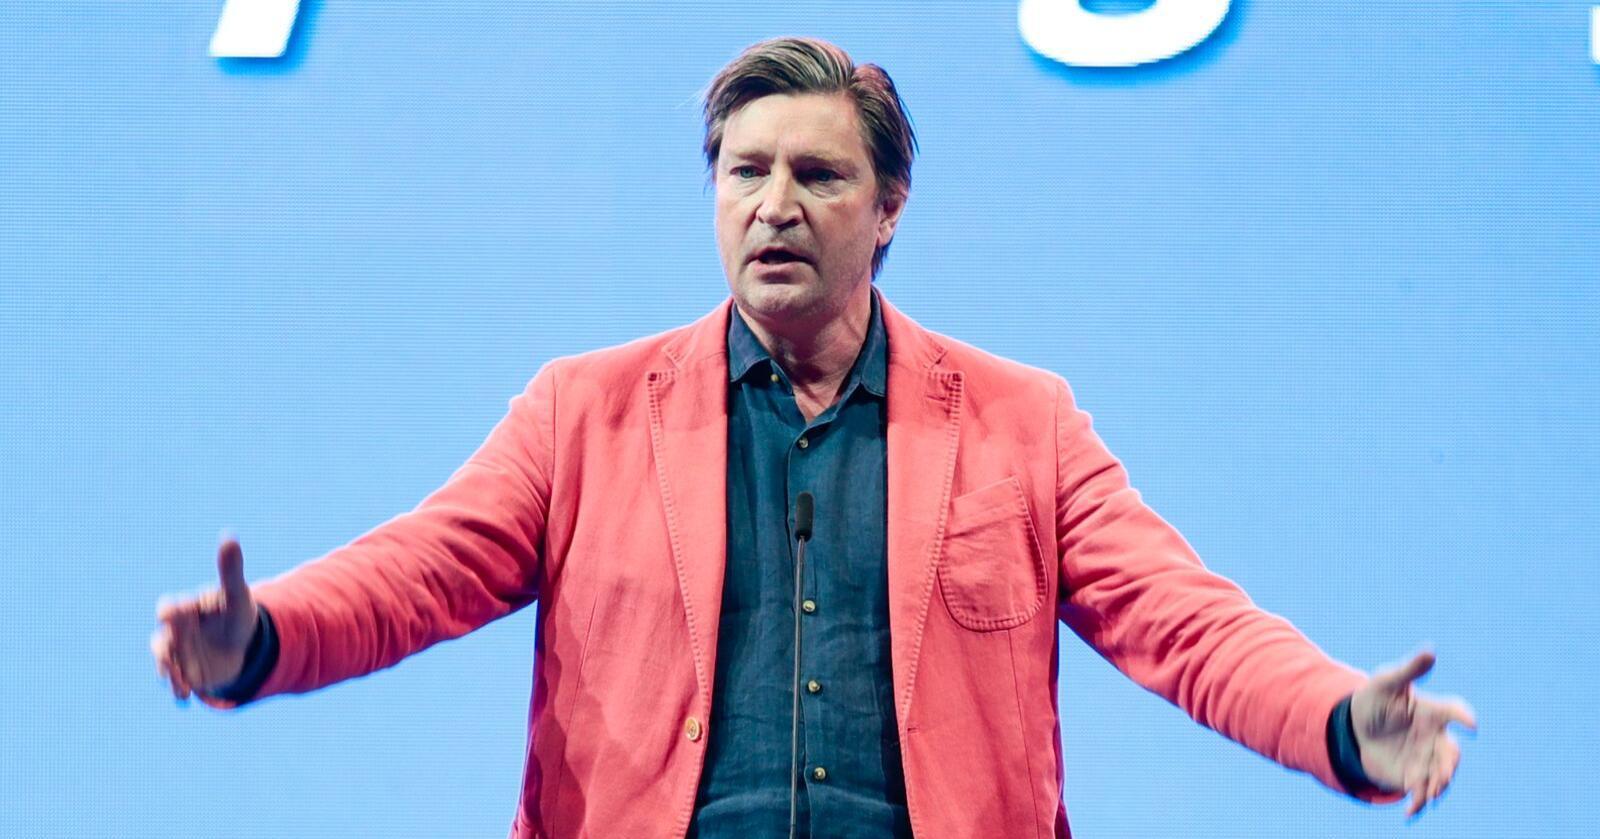 Stortingsrepresentant Christian Tybring-Gjedde mener Frp bør gå ut av regjering og forlanger en avstemming i stortingsgruppen om saken. Foto: Lise Åserud / NTB scanpix